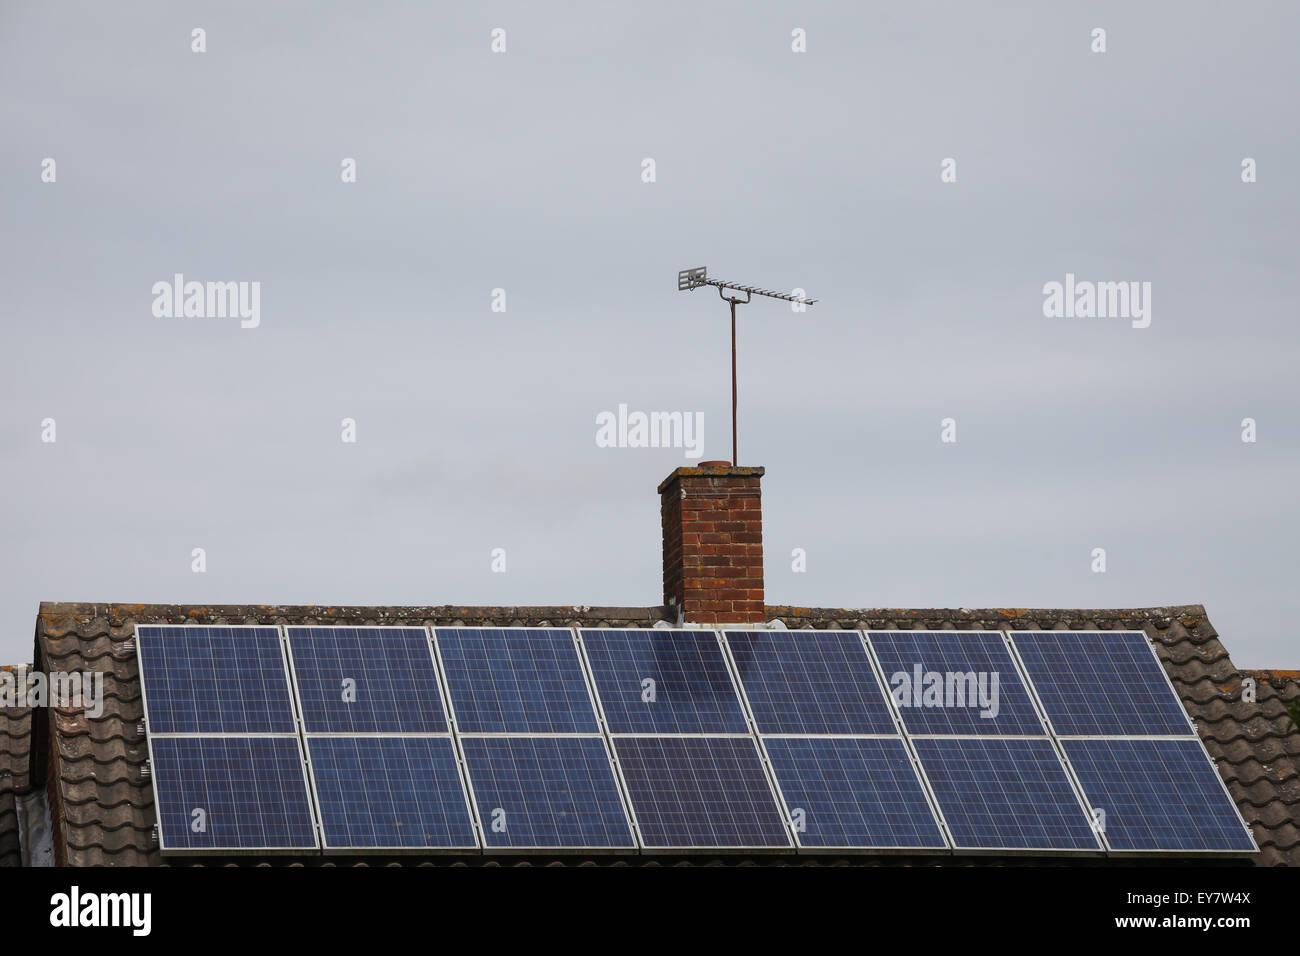 Pannelli solari sul tetto di una casa su un livello di grigio nuvoloso giorno non genera molta energia Immagini Stock